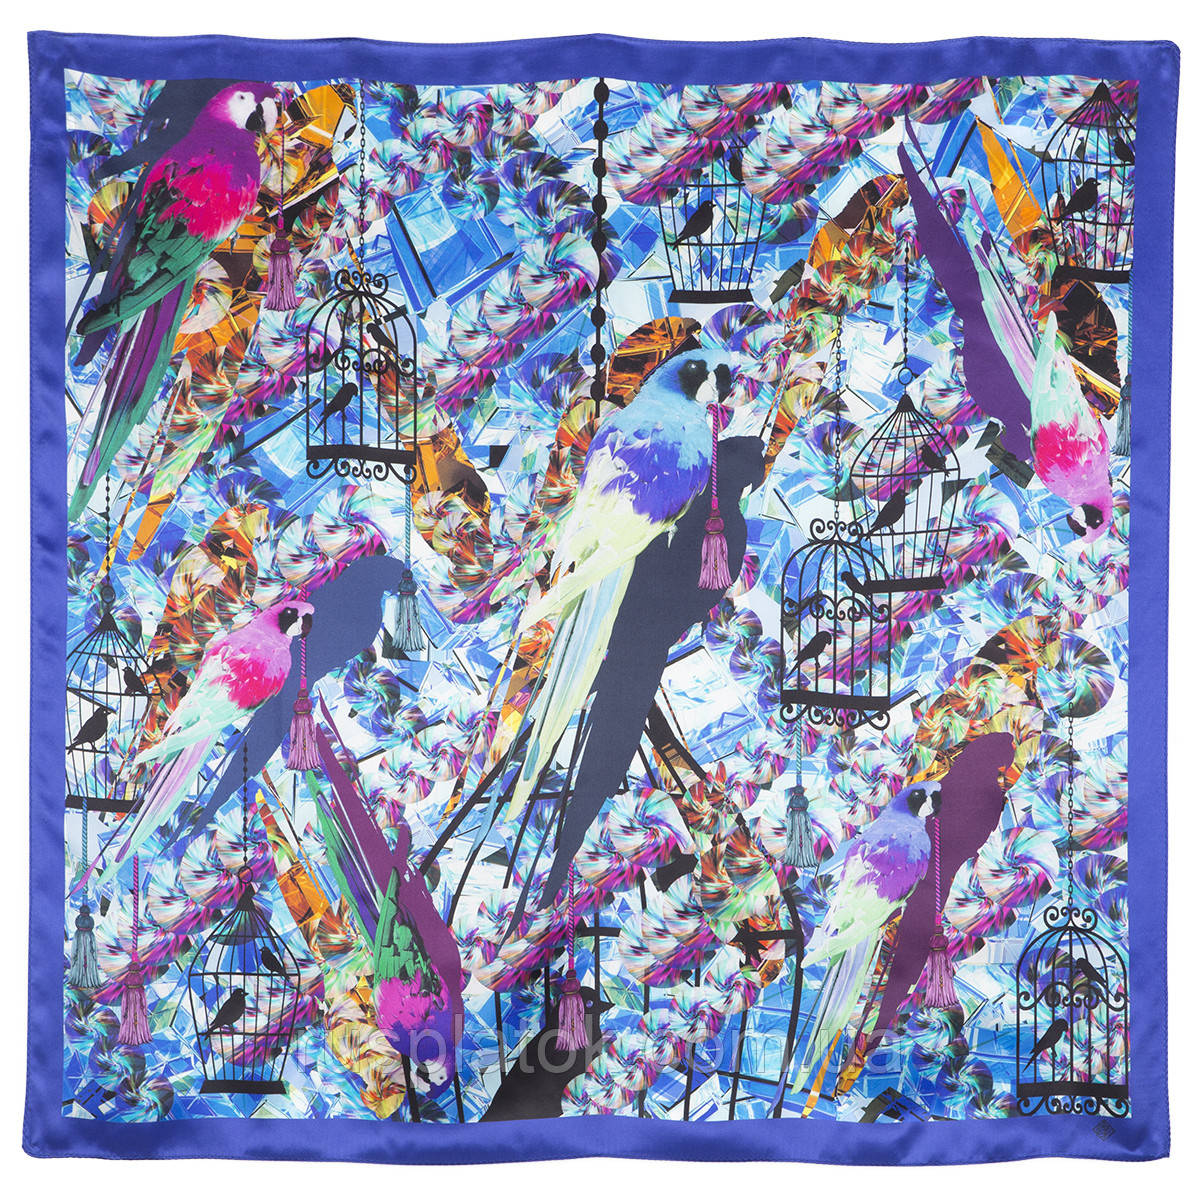 Платок шелковый (атлас) 10101-14, павлопосадский платок (атлас) шелковый с подрубкой